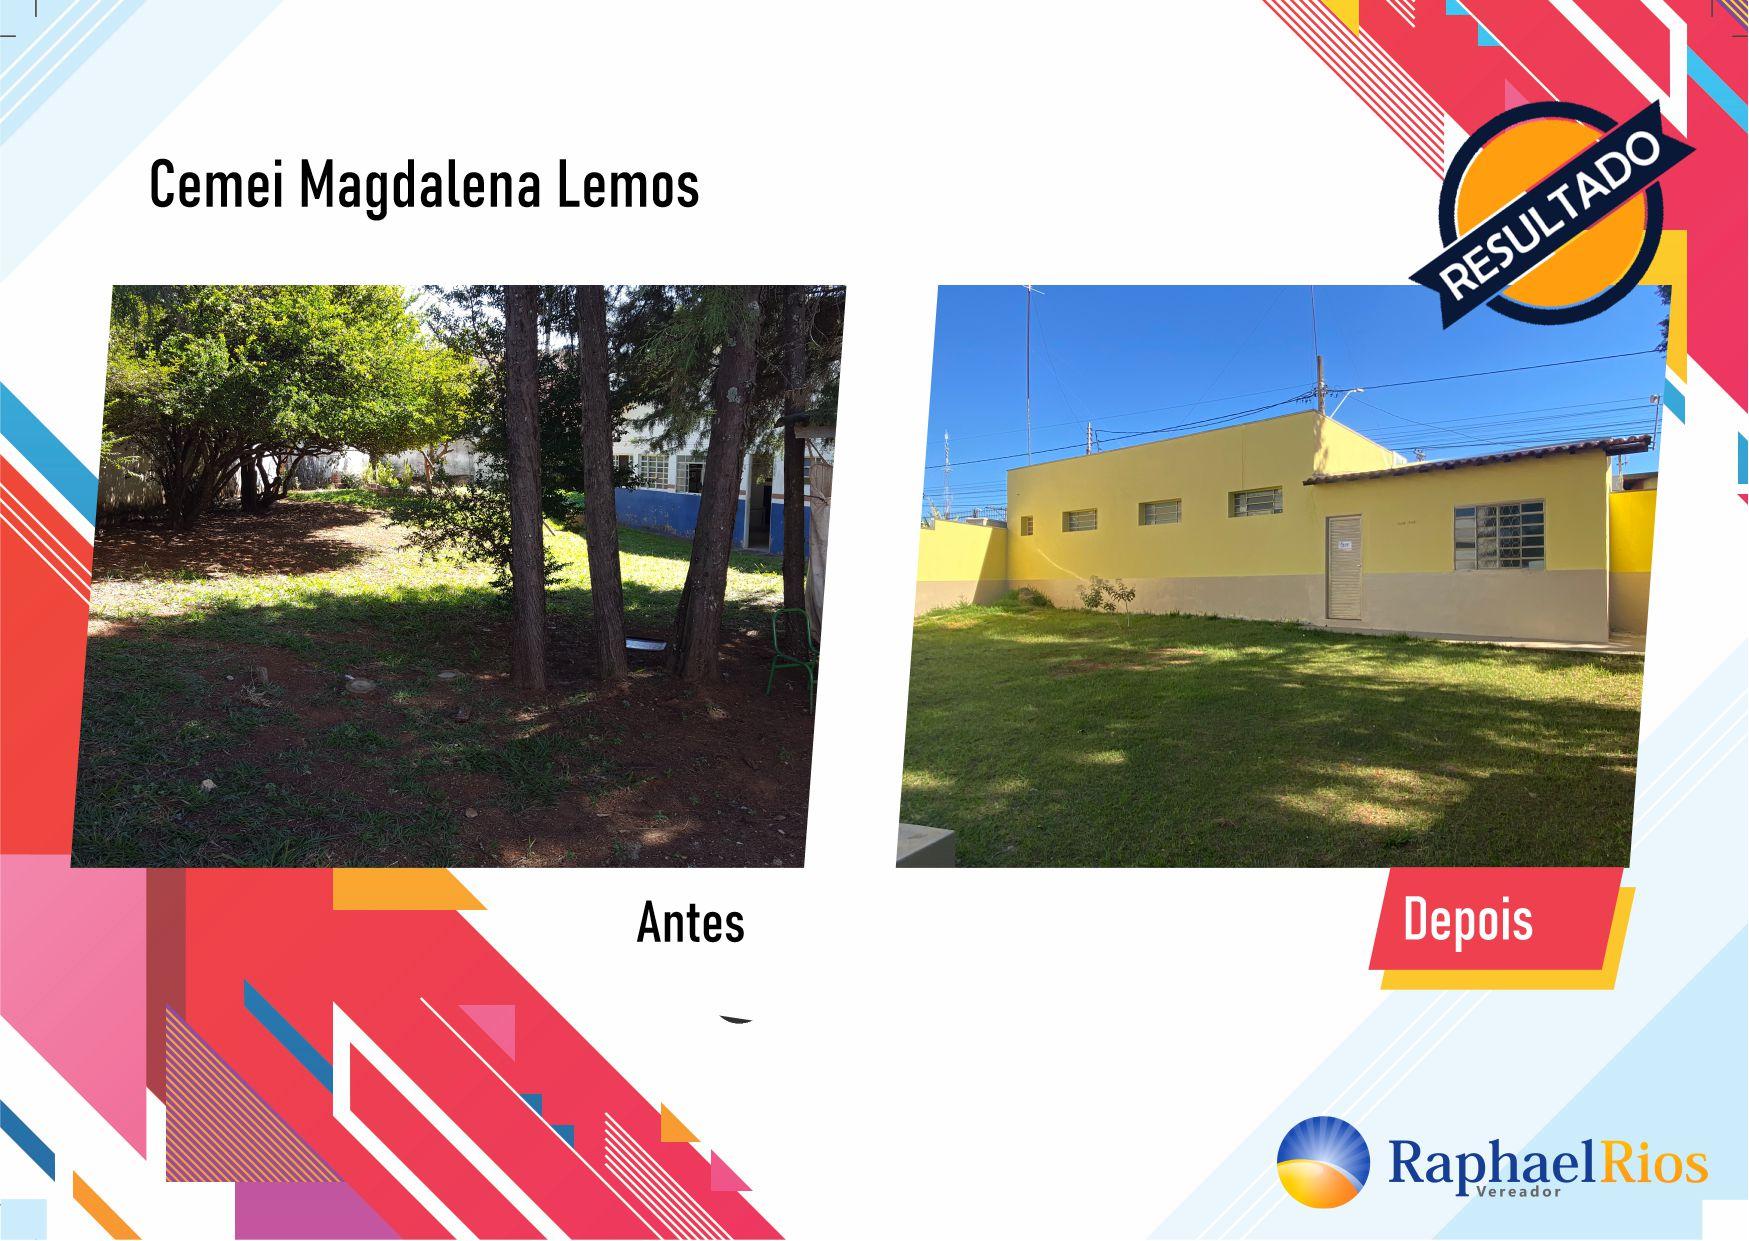 Após fiscalização, Raphael Rios confere reforma geral do Cemei Magdalena Lemos 1